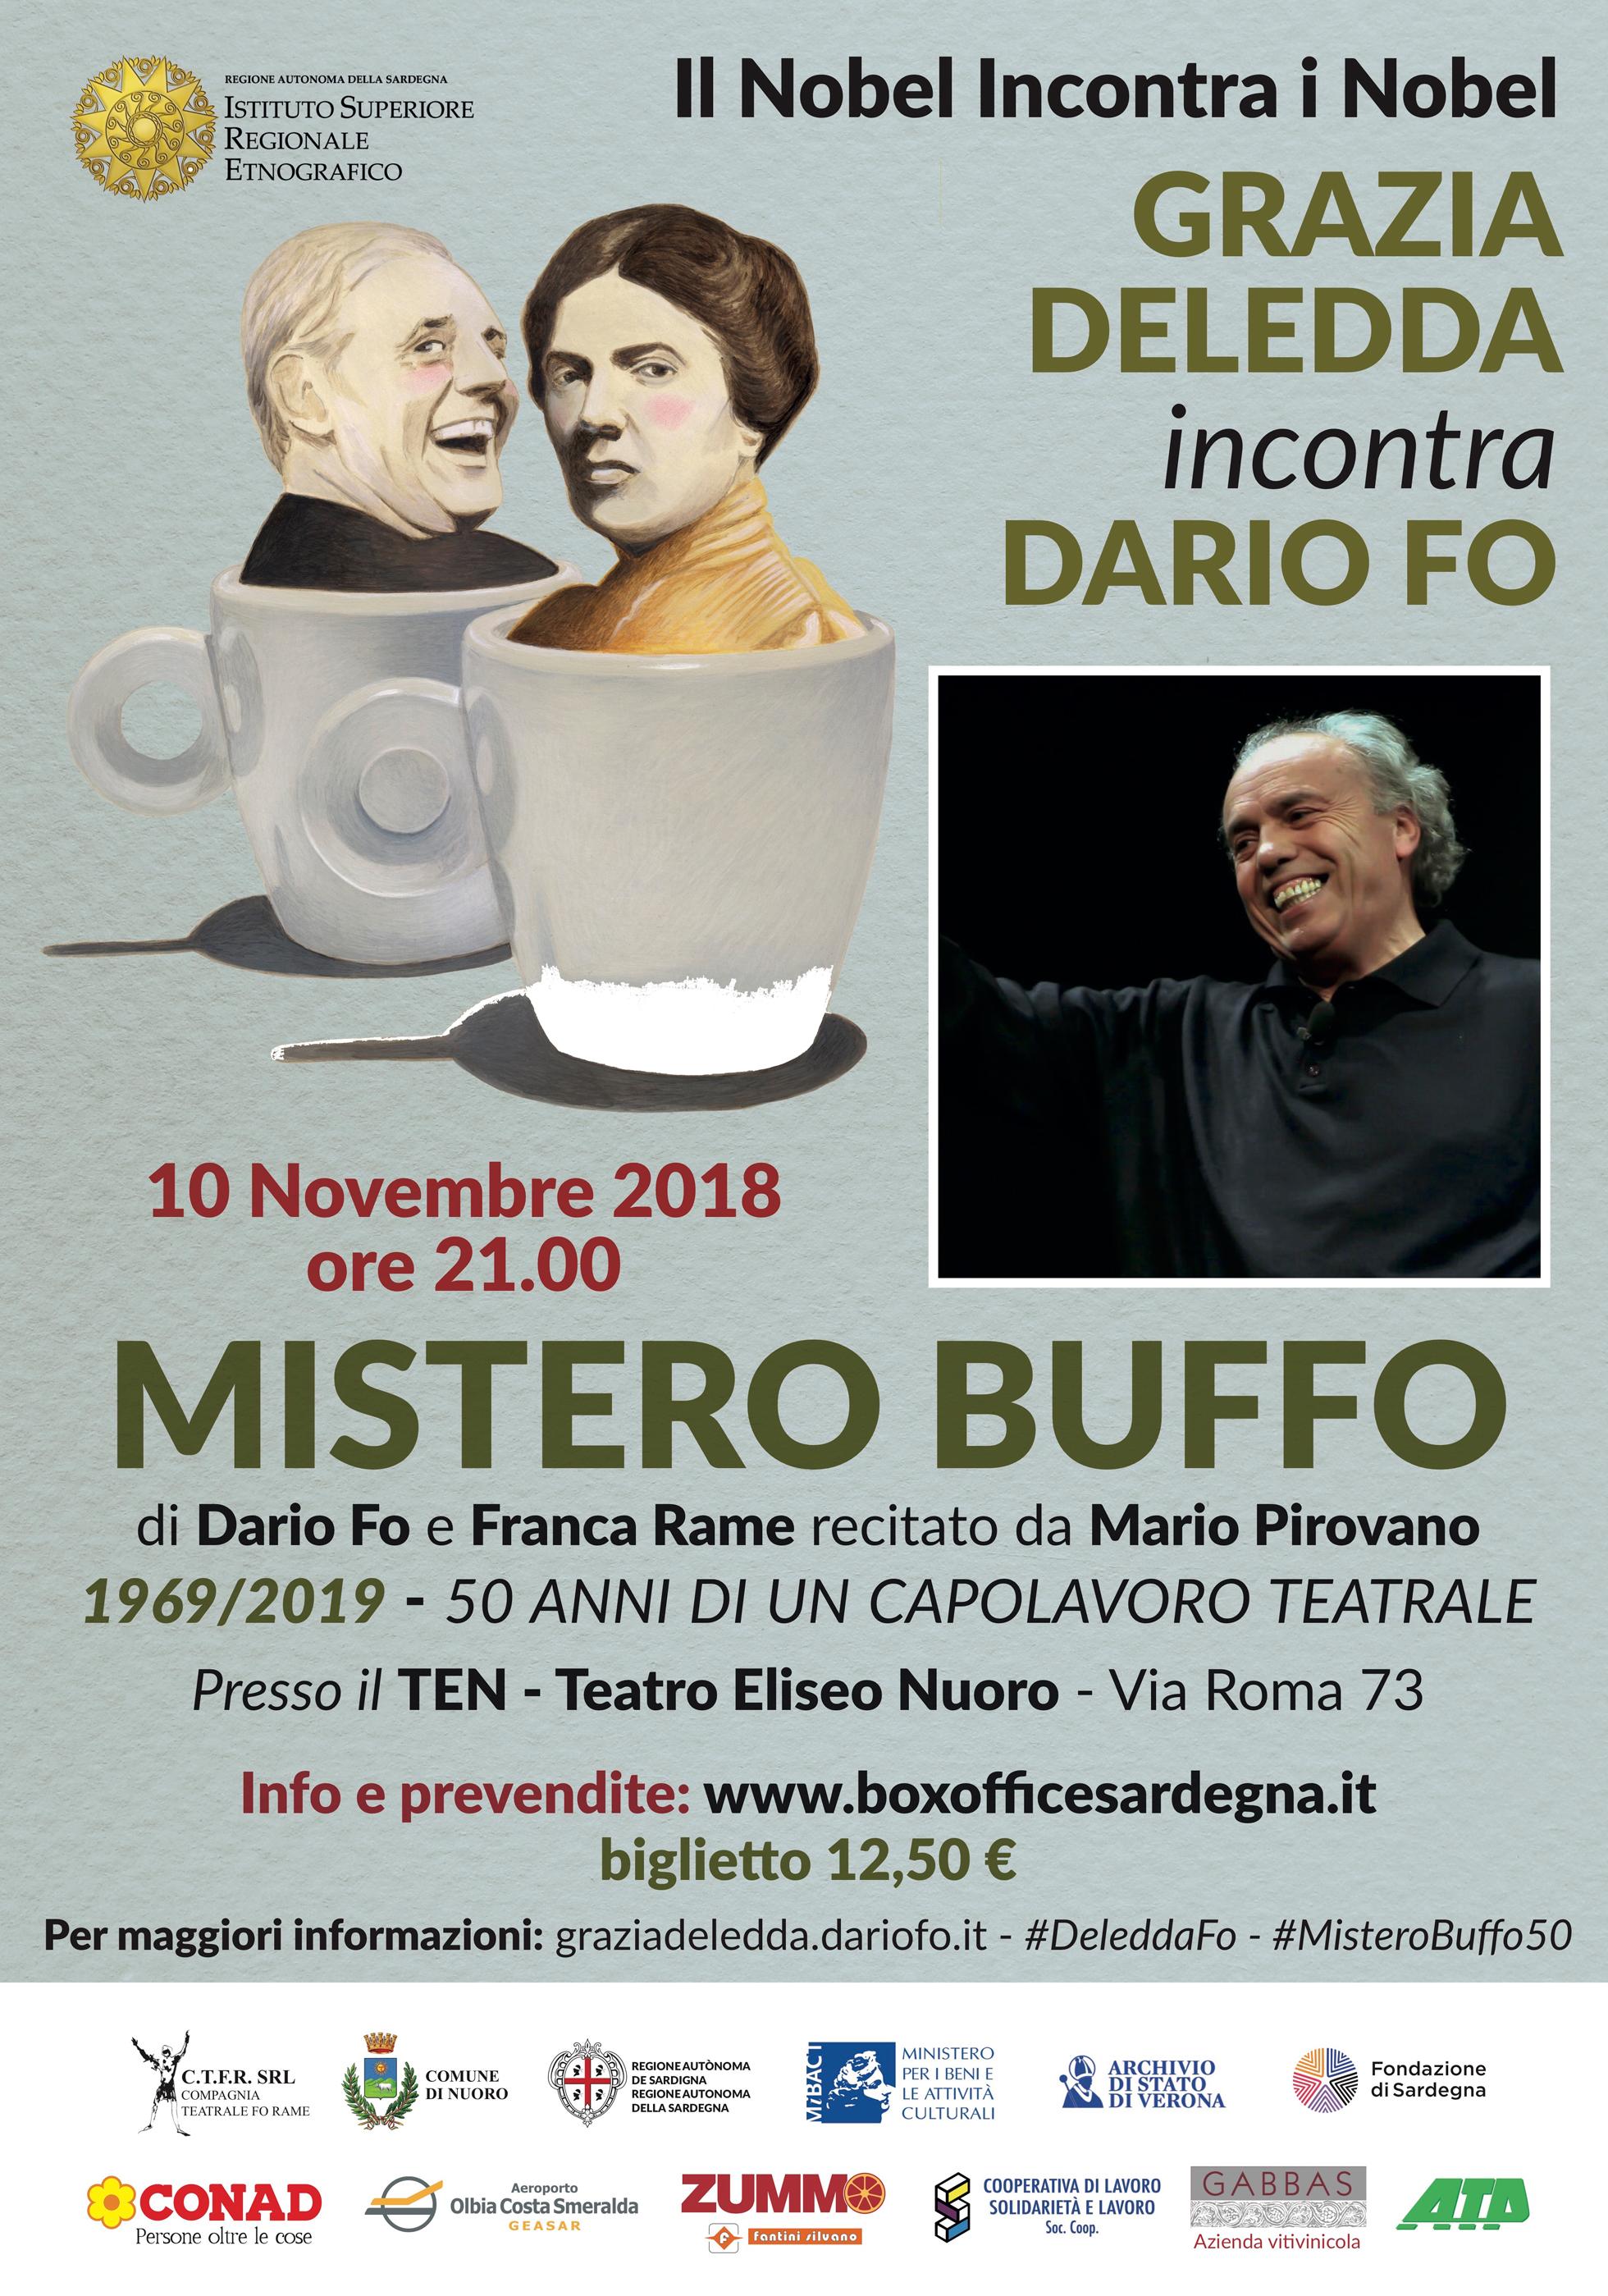 10 Novembre 2018: MARIO PIROVANO recita Mistero Buffo a Nuoro